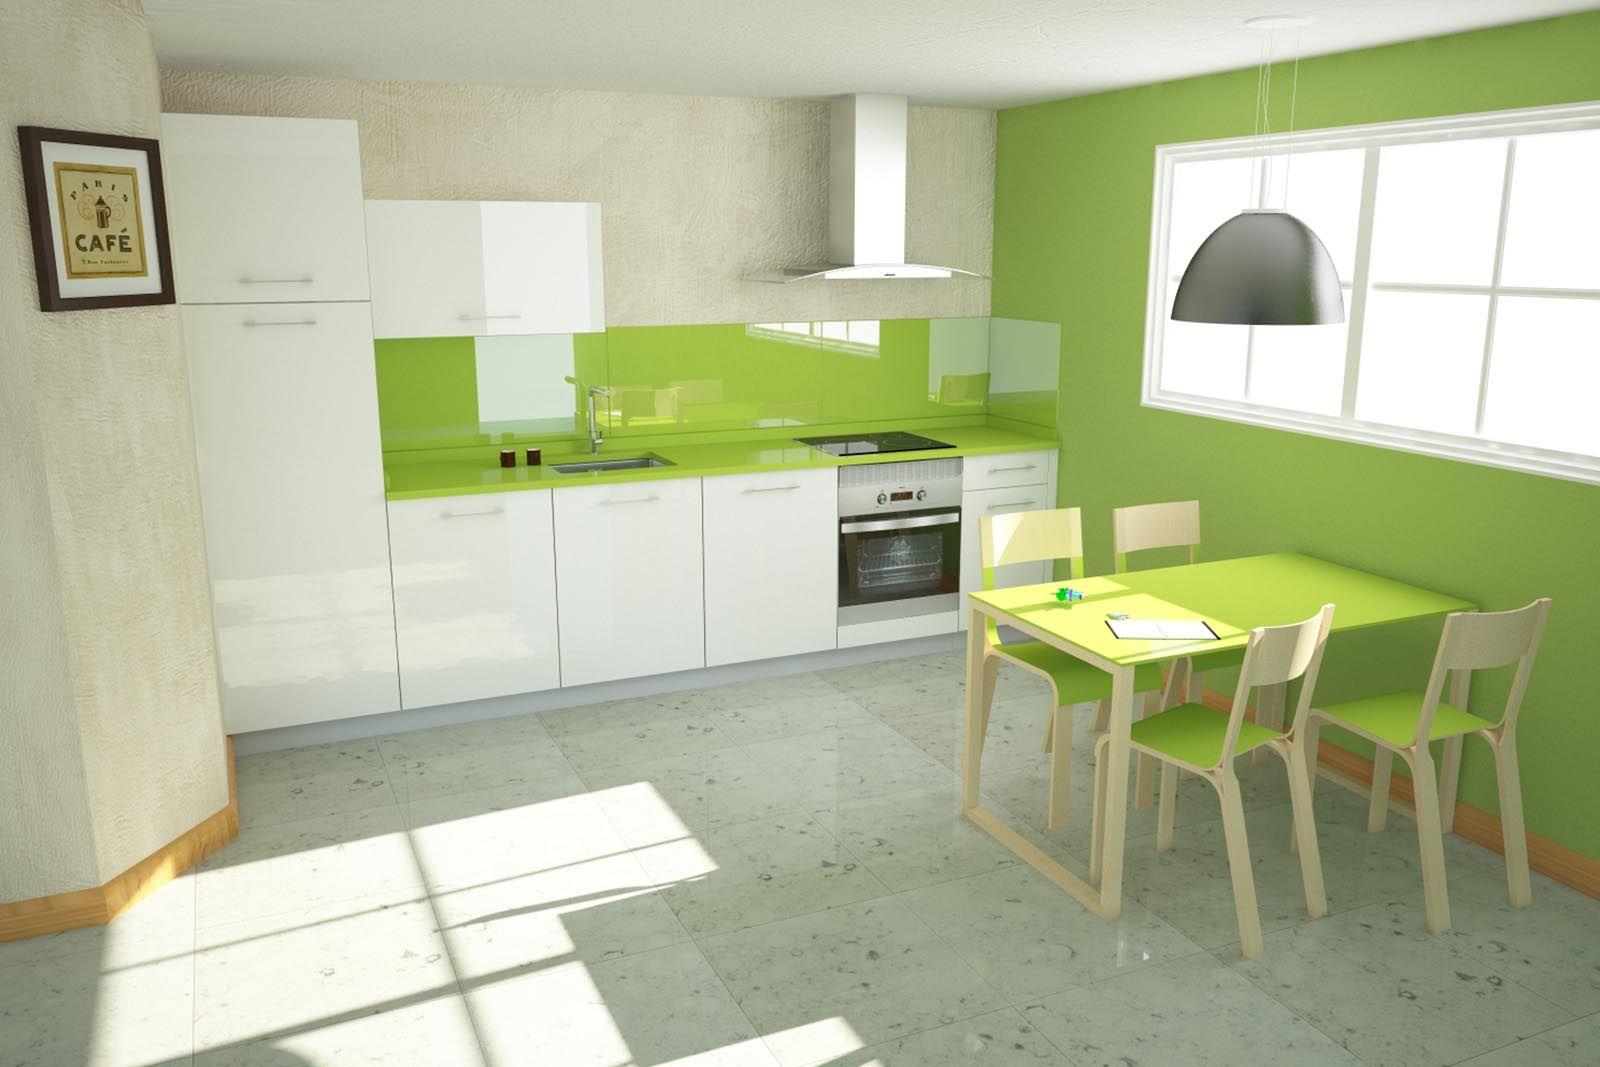 Cocina completa montada en casa con electrodomesticos for Cocinas completas con electrodomesticos